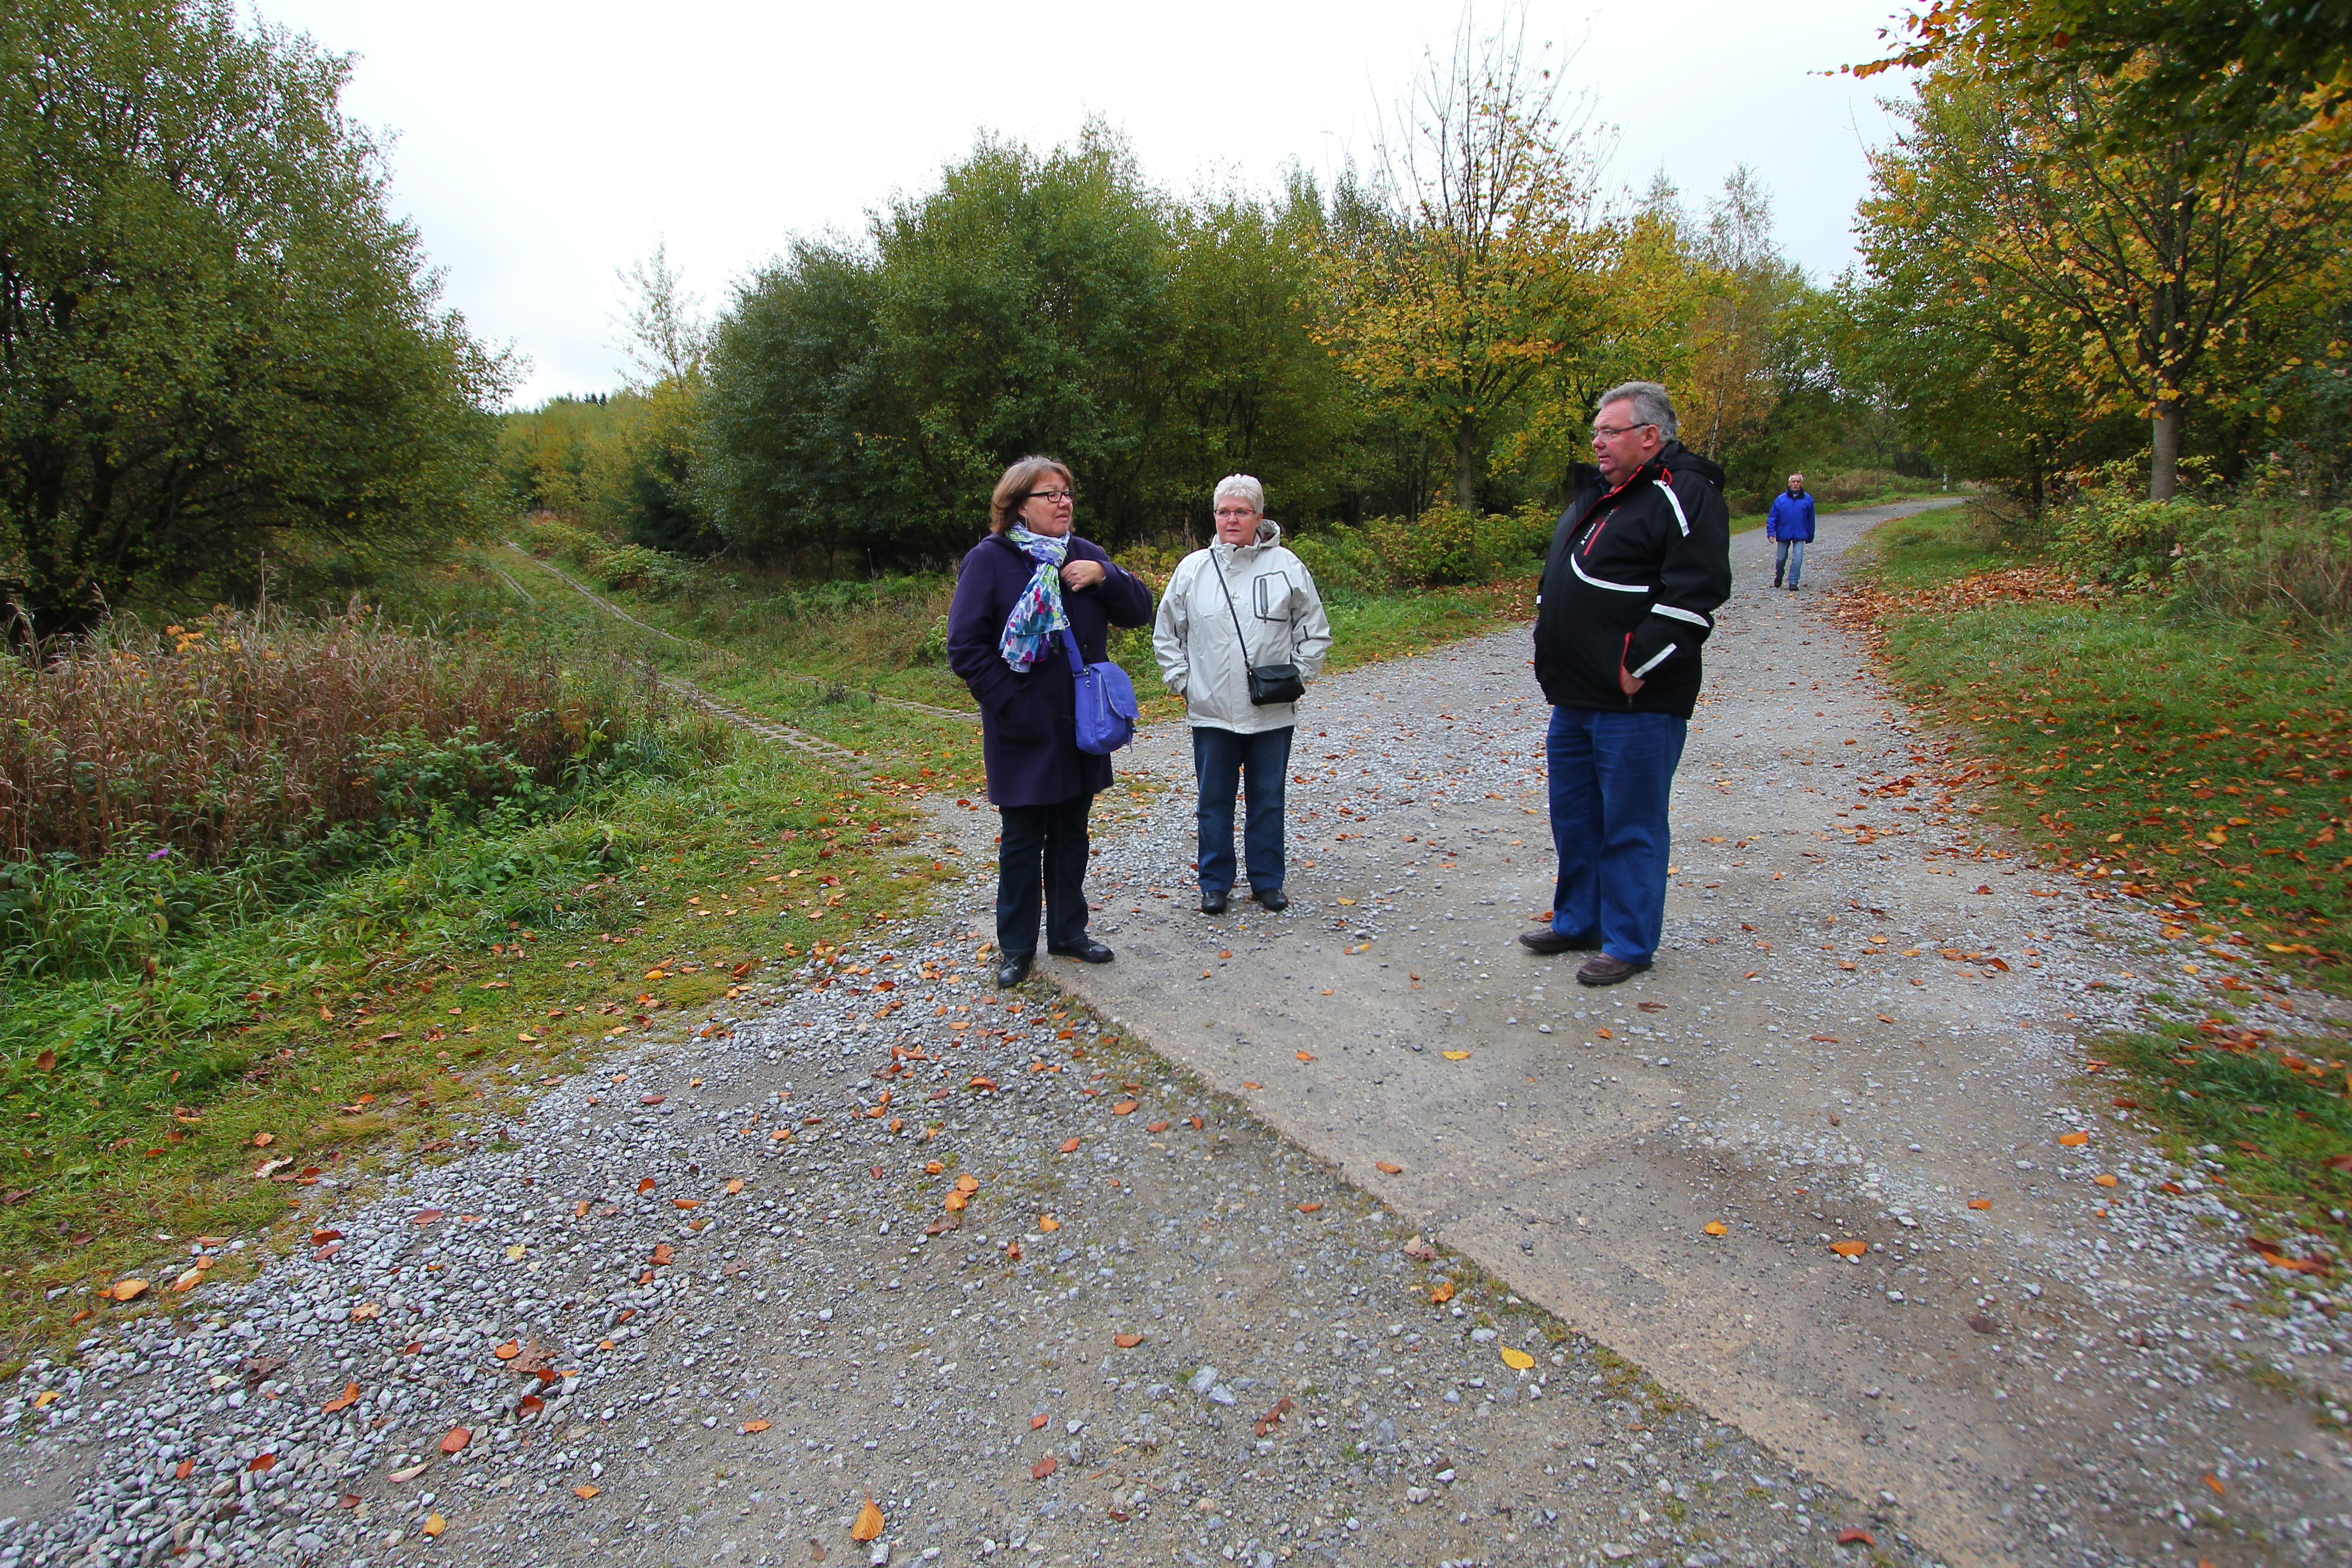 Vi er forsat vores rejse og er stoppet ved et af de steder hvor grænsen gik mellem øst- og vesttyskland. Vejen der går på tværs var grænsevagternes rute langs hegnet. På billedet ses Lisbeth Neslein og Inge og Bjarne Elkjær.